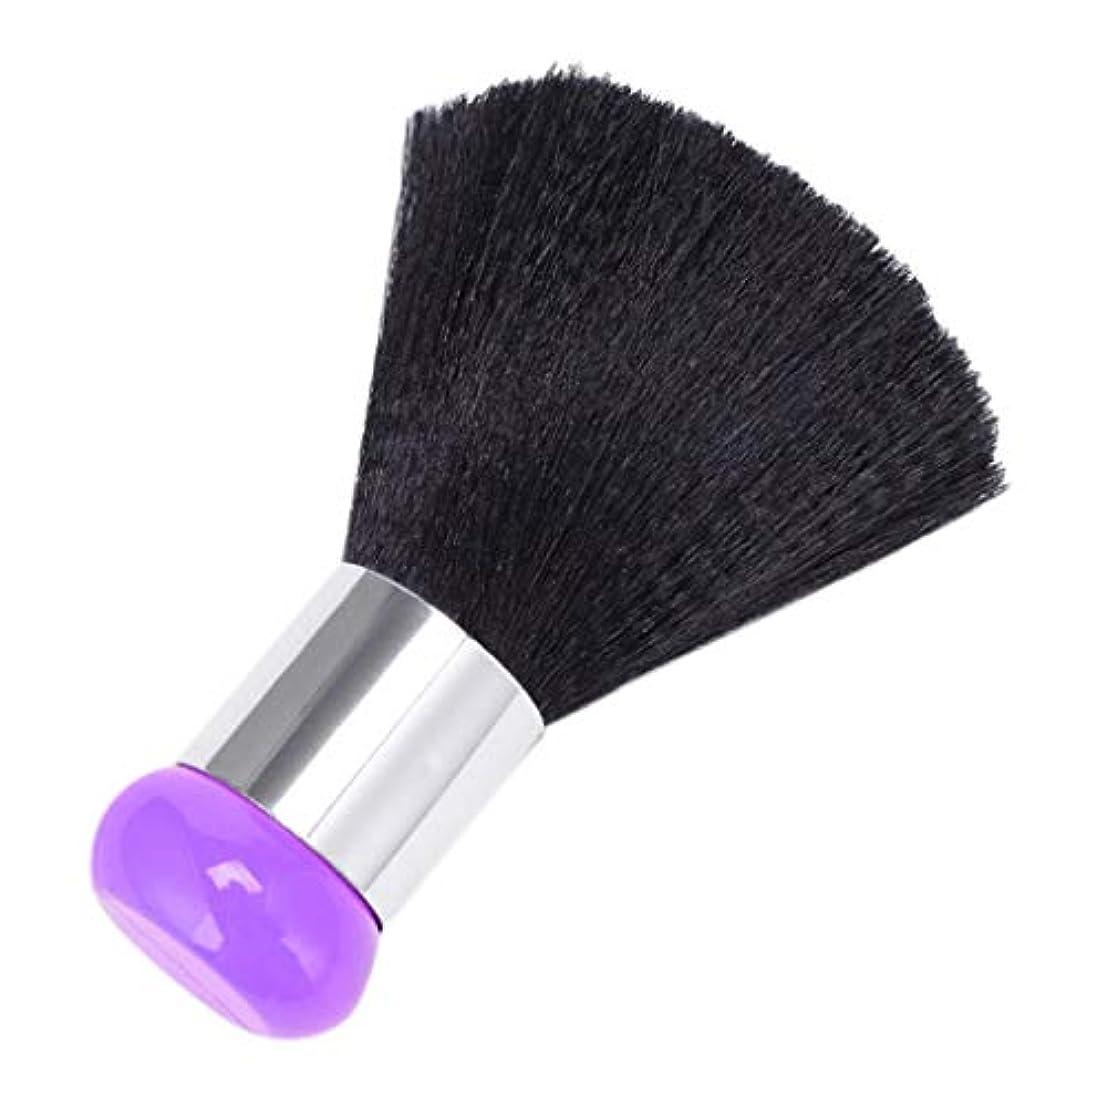 嫌がる山リルヘアカット ネックダスタークリーナー ヘアブラシ サロンツール 2色選べ - 紫